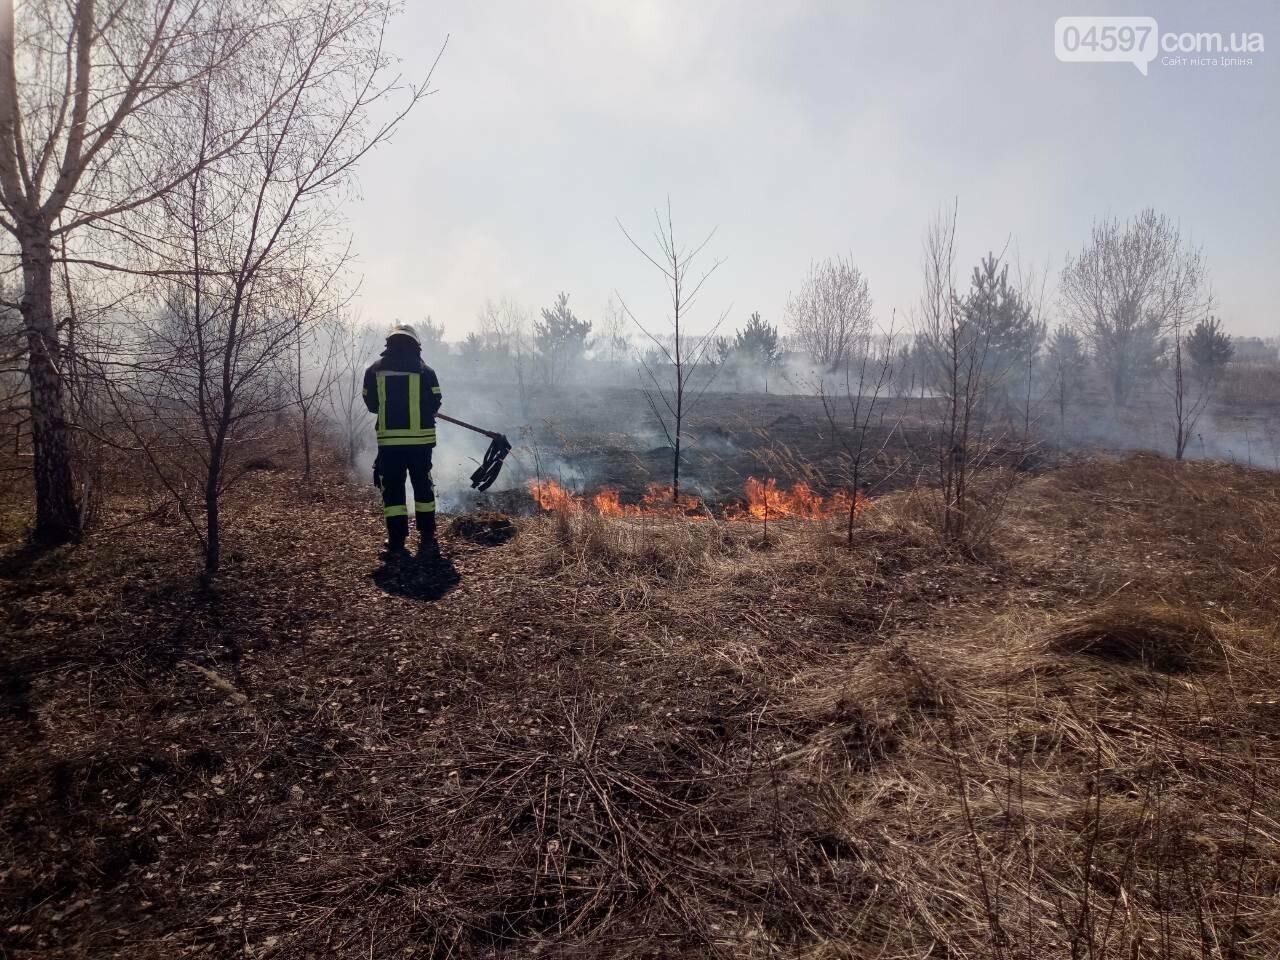 За вихідні рятувальники ліквідували 27 осередків загорання трав'яного настилу в Ірпінському регіоні, фото-2